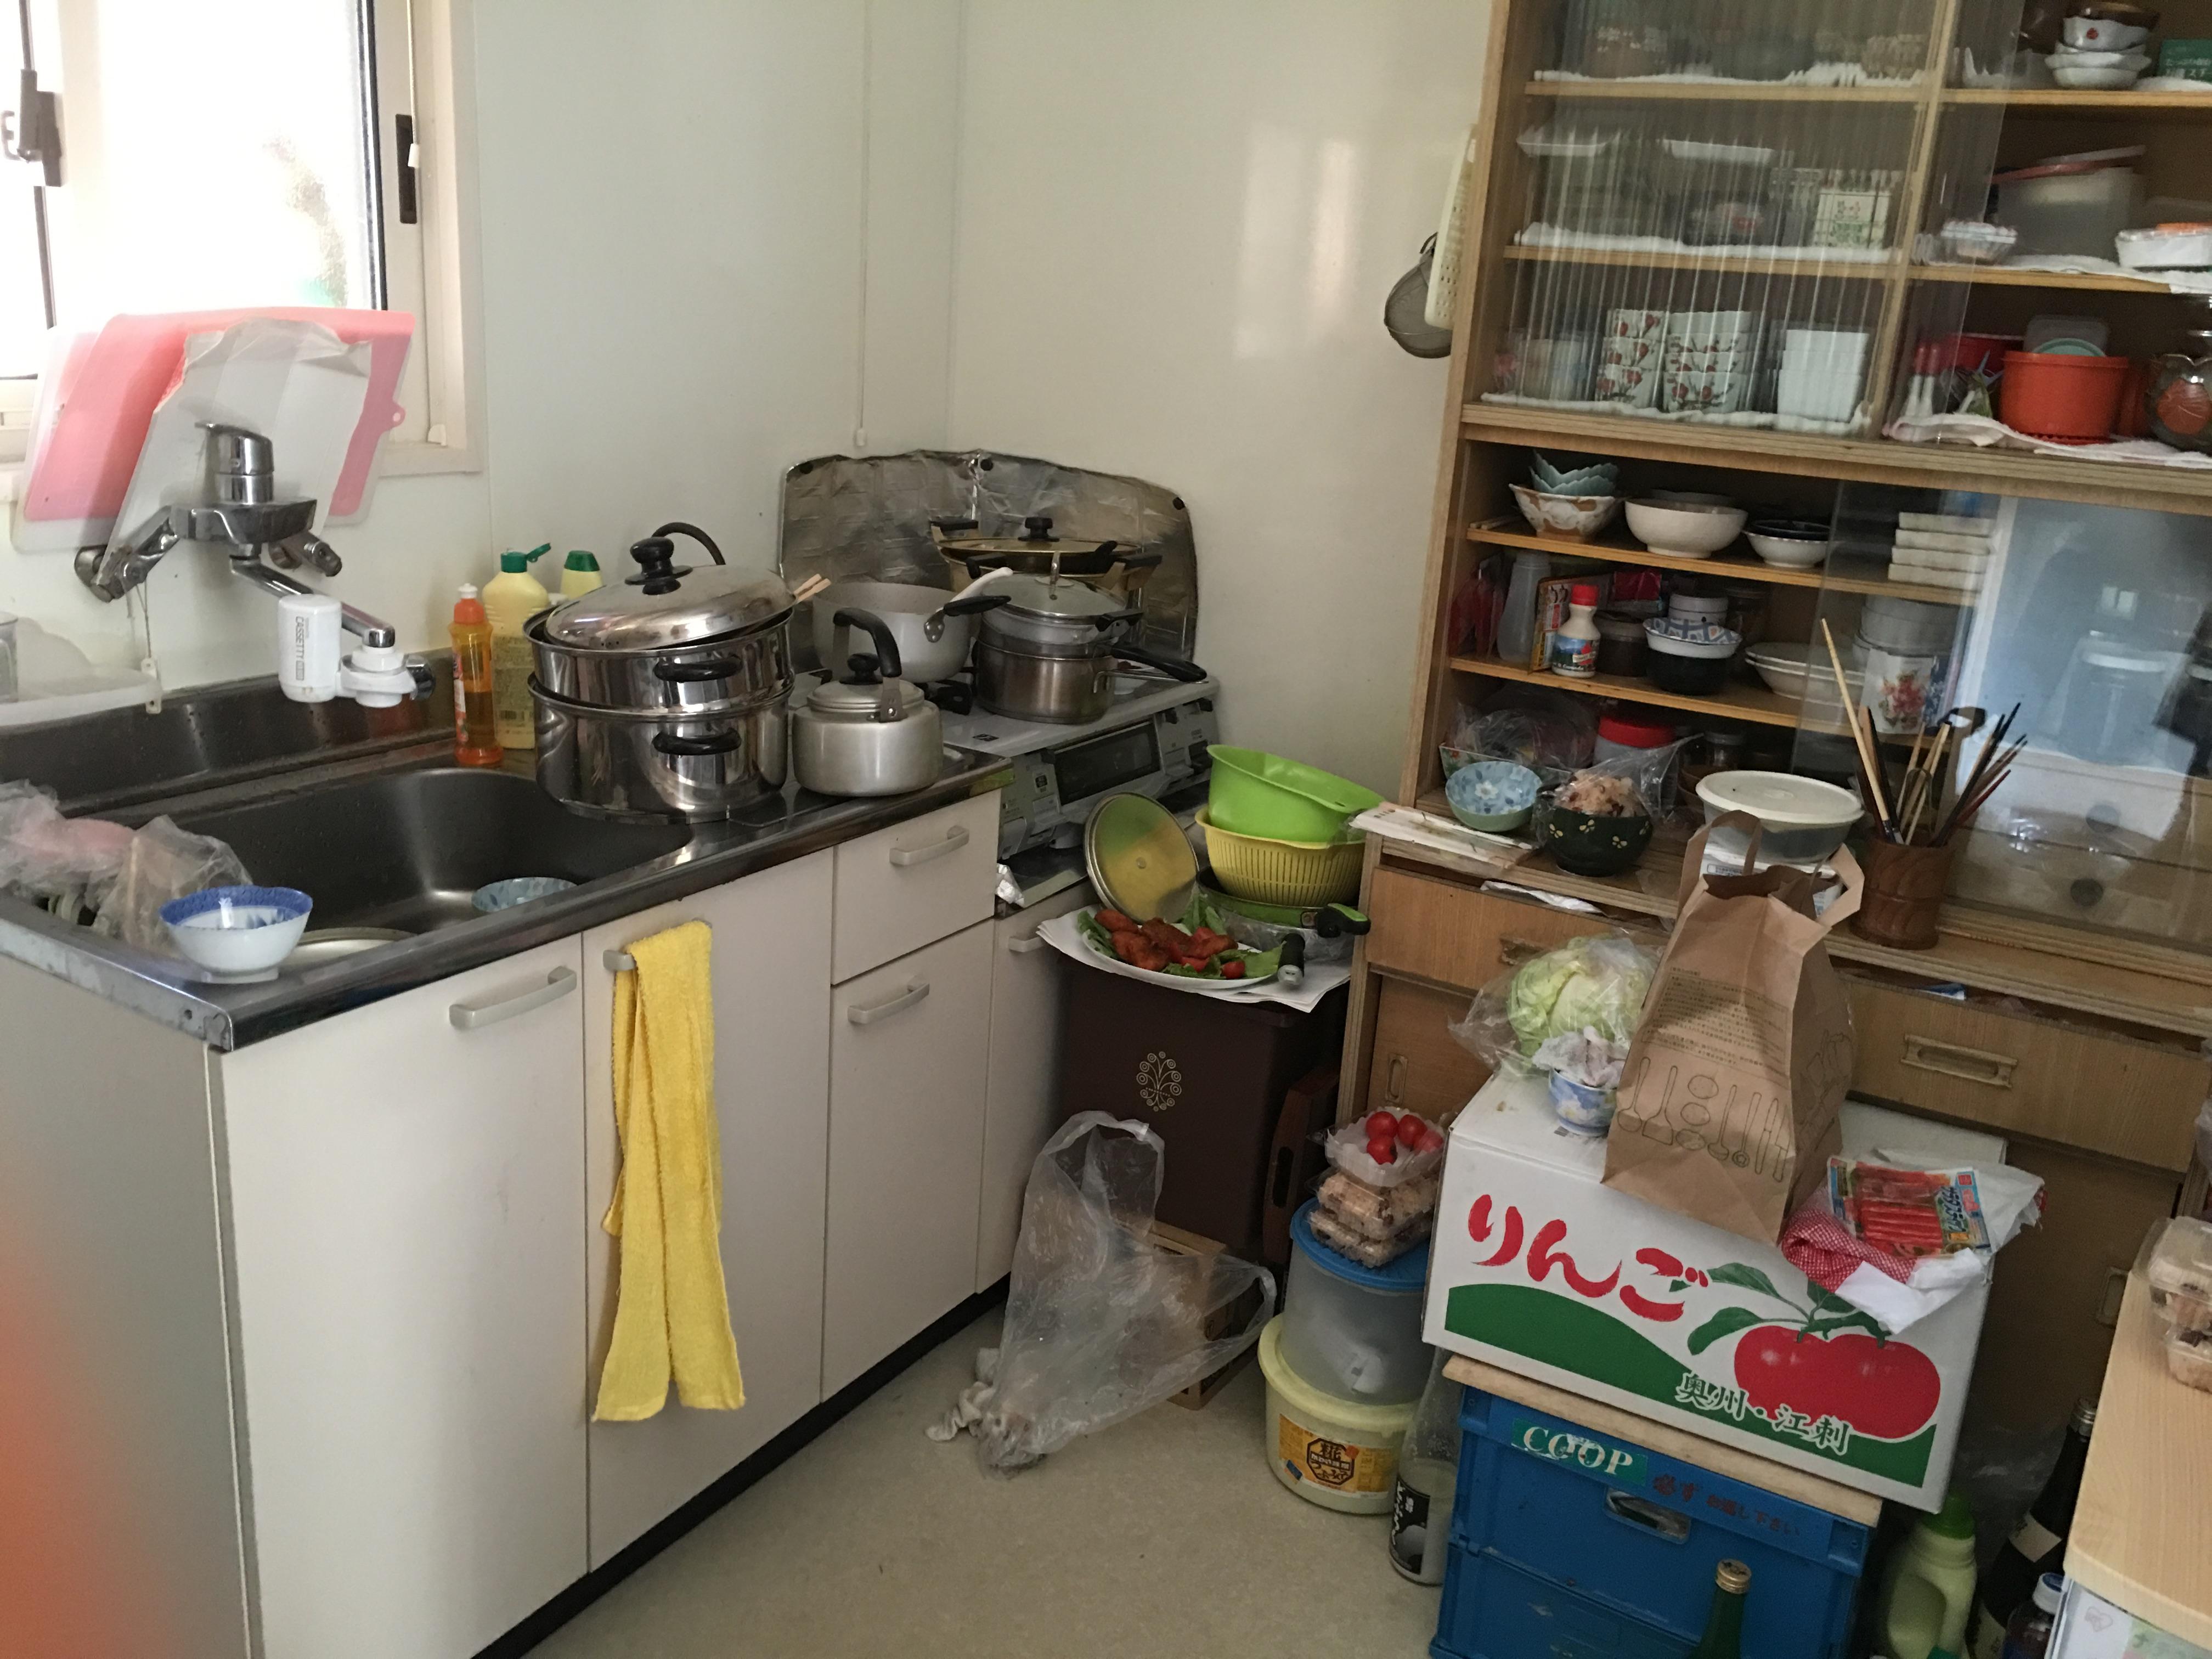 otsuchi temporary housing kitchen space 2016.JPG